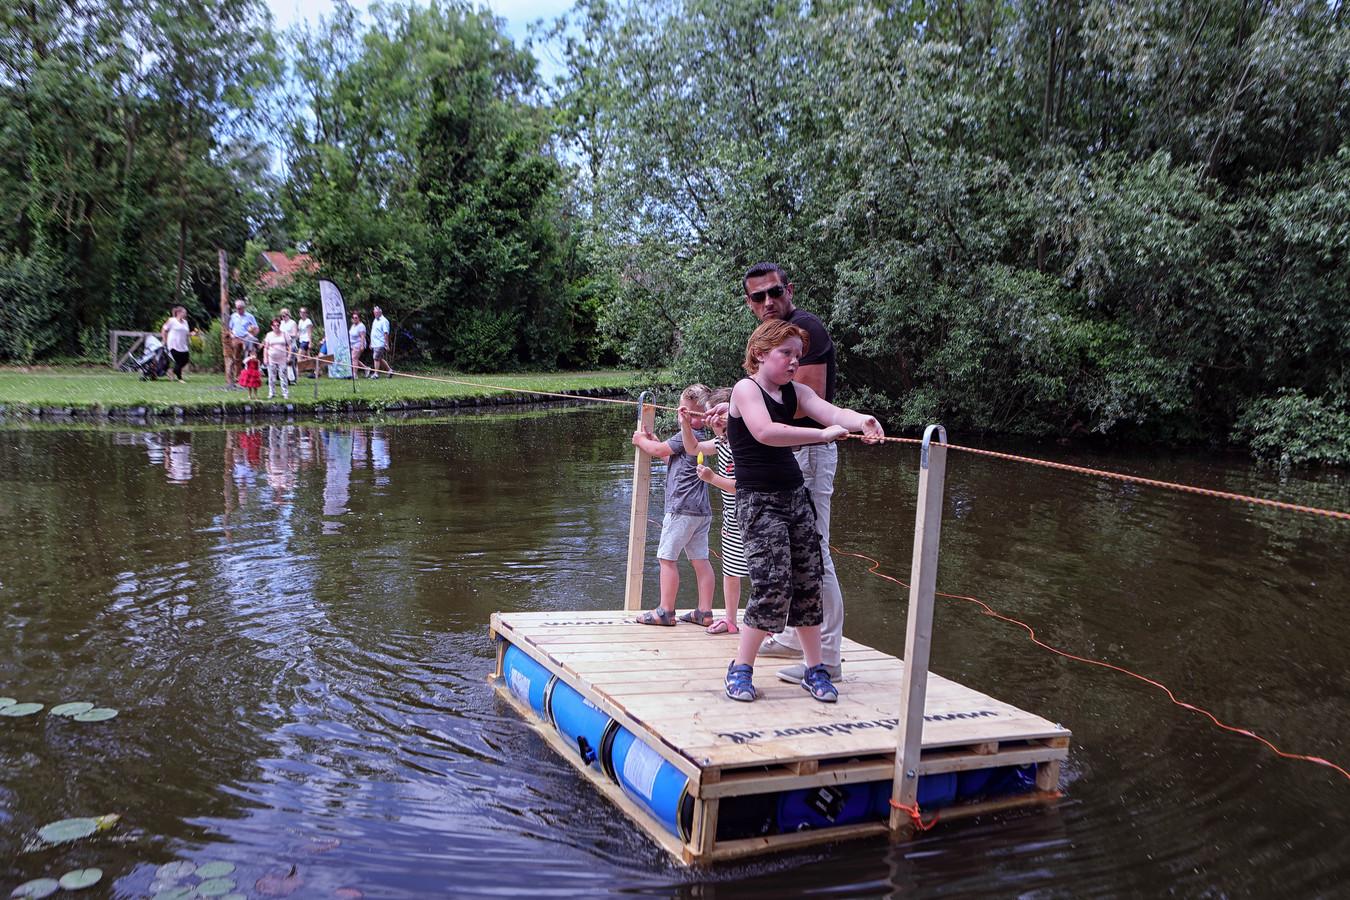 In 2017 vond de Brabantse Wal Dag plaats in het 450-jarige Nieuw-Vossemeer, waar de jeugd bij de Kreek kon oversteken met een trekpontje.